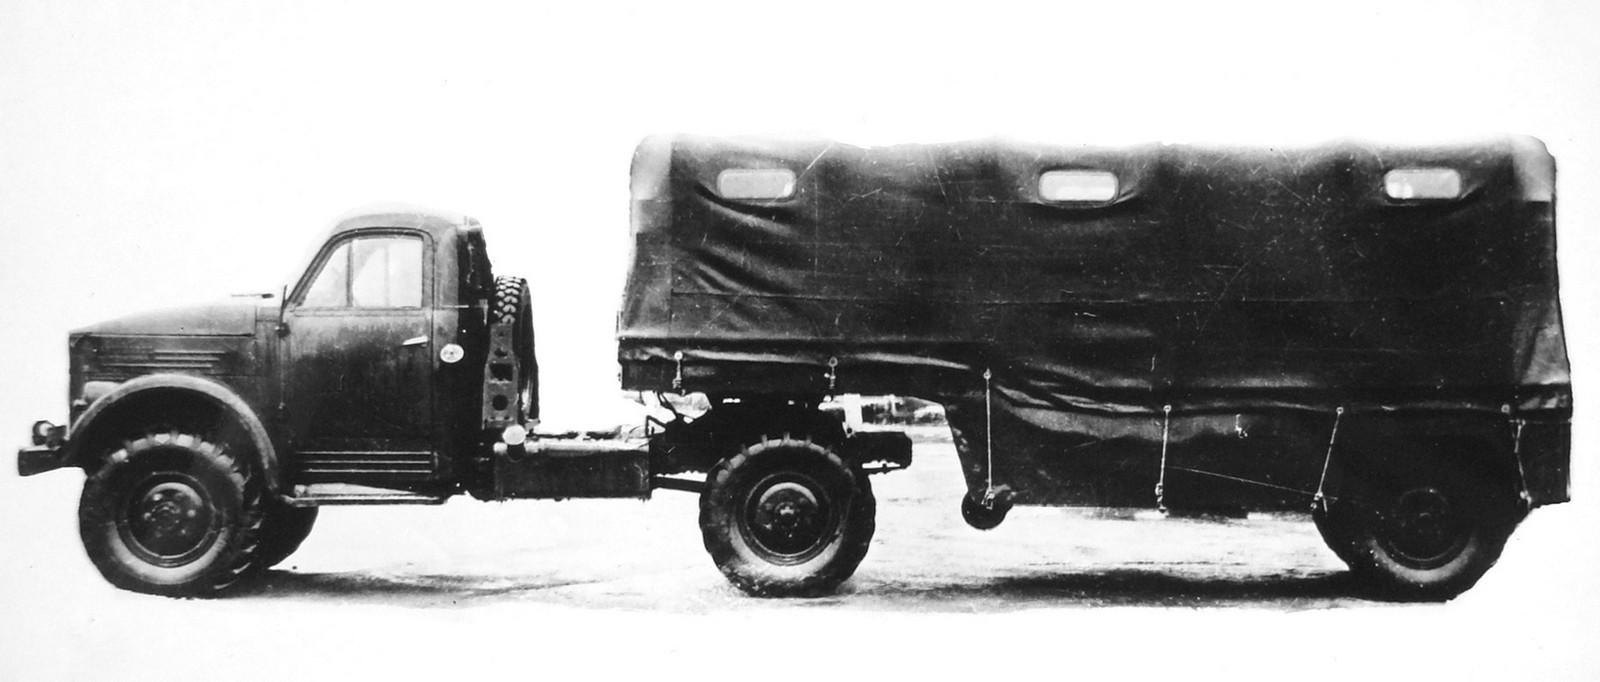 Активный автопоезд с тягачом ГАЗ-63Д и грузопассажирским полуприцепом (из архива НИИЦ АТ)